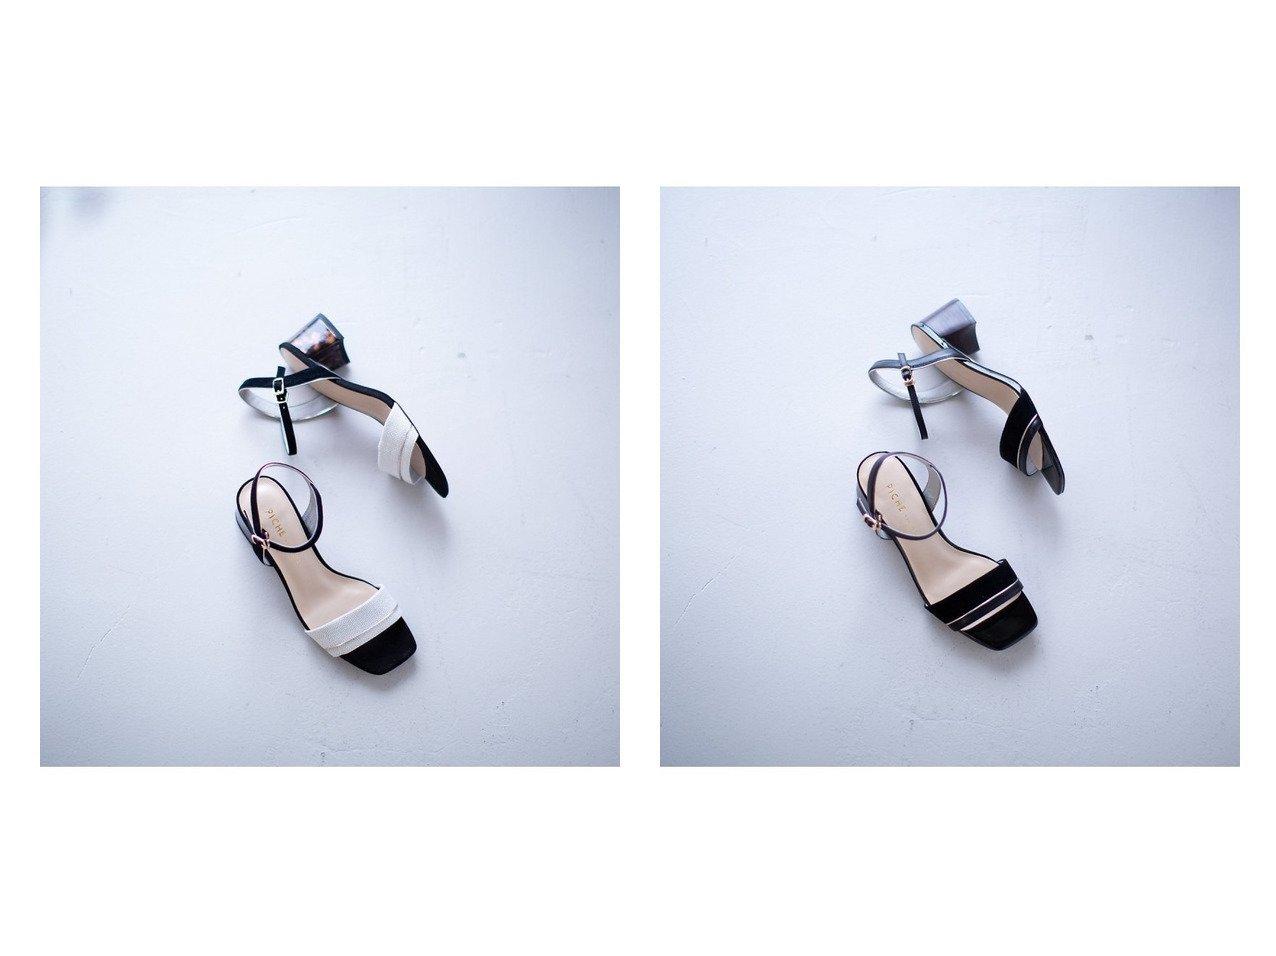 【Piche Abahouse/ピシェ アバハウス】のブロックヒールサンダル 【シューズ・靴】おすすめ!人気、トレンド・レディースファッションの通販 おすすめで人気の流行・トレンド、ファッションの通販商品 メンズファッション・キッズファッション・インテリア・家具・レディースファッション・服の通販 founy(ファニー) https://founy.com/ ファッション Fashion レディースファッション WOMEN サンダル シューズ シンプル スエード ストラップサンダル ファブリック ブロック ミュール |ID:crp329100000039539